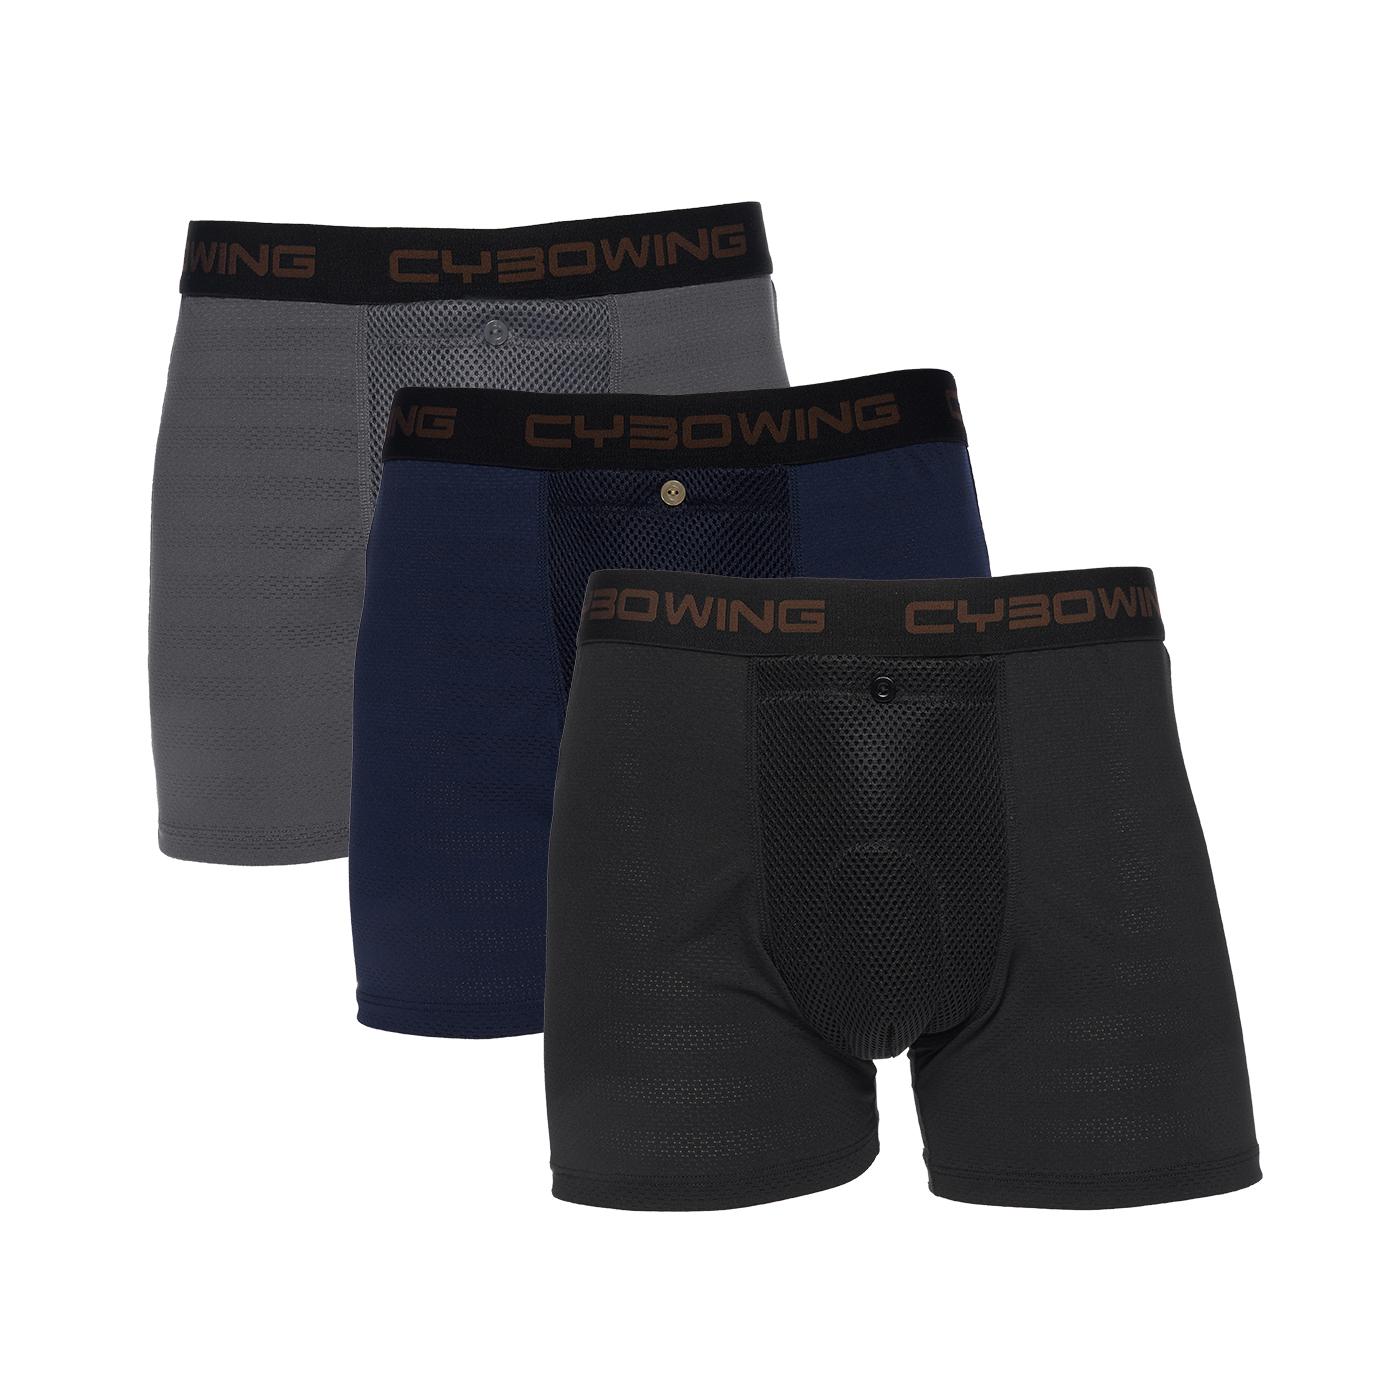 CYBOWING U Men's Underwear